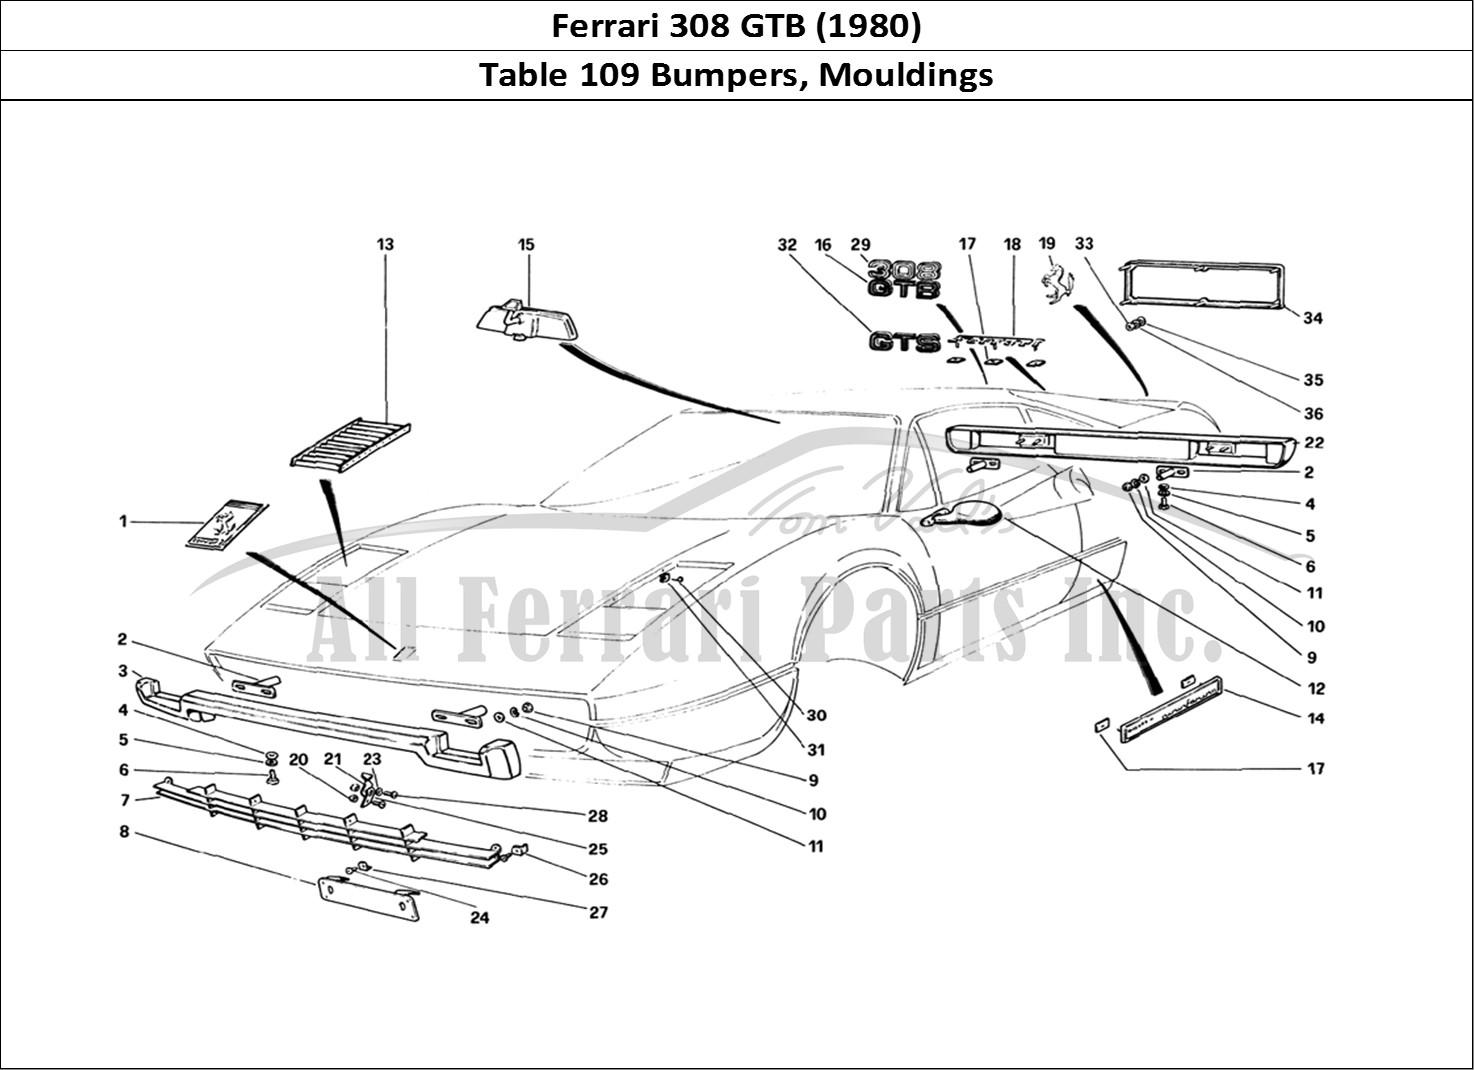 Buy original Ferrari 308 GTB (1980) 109 Bumpers, Mouldings